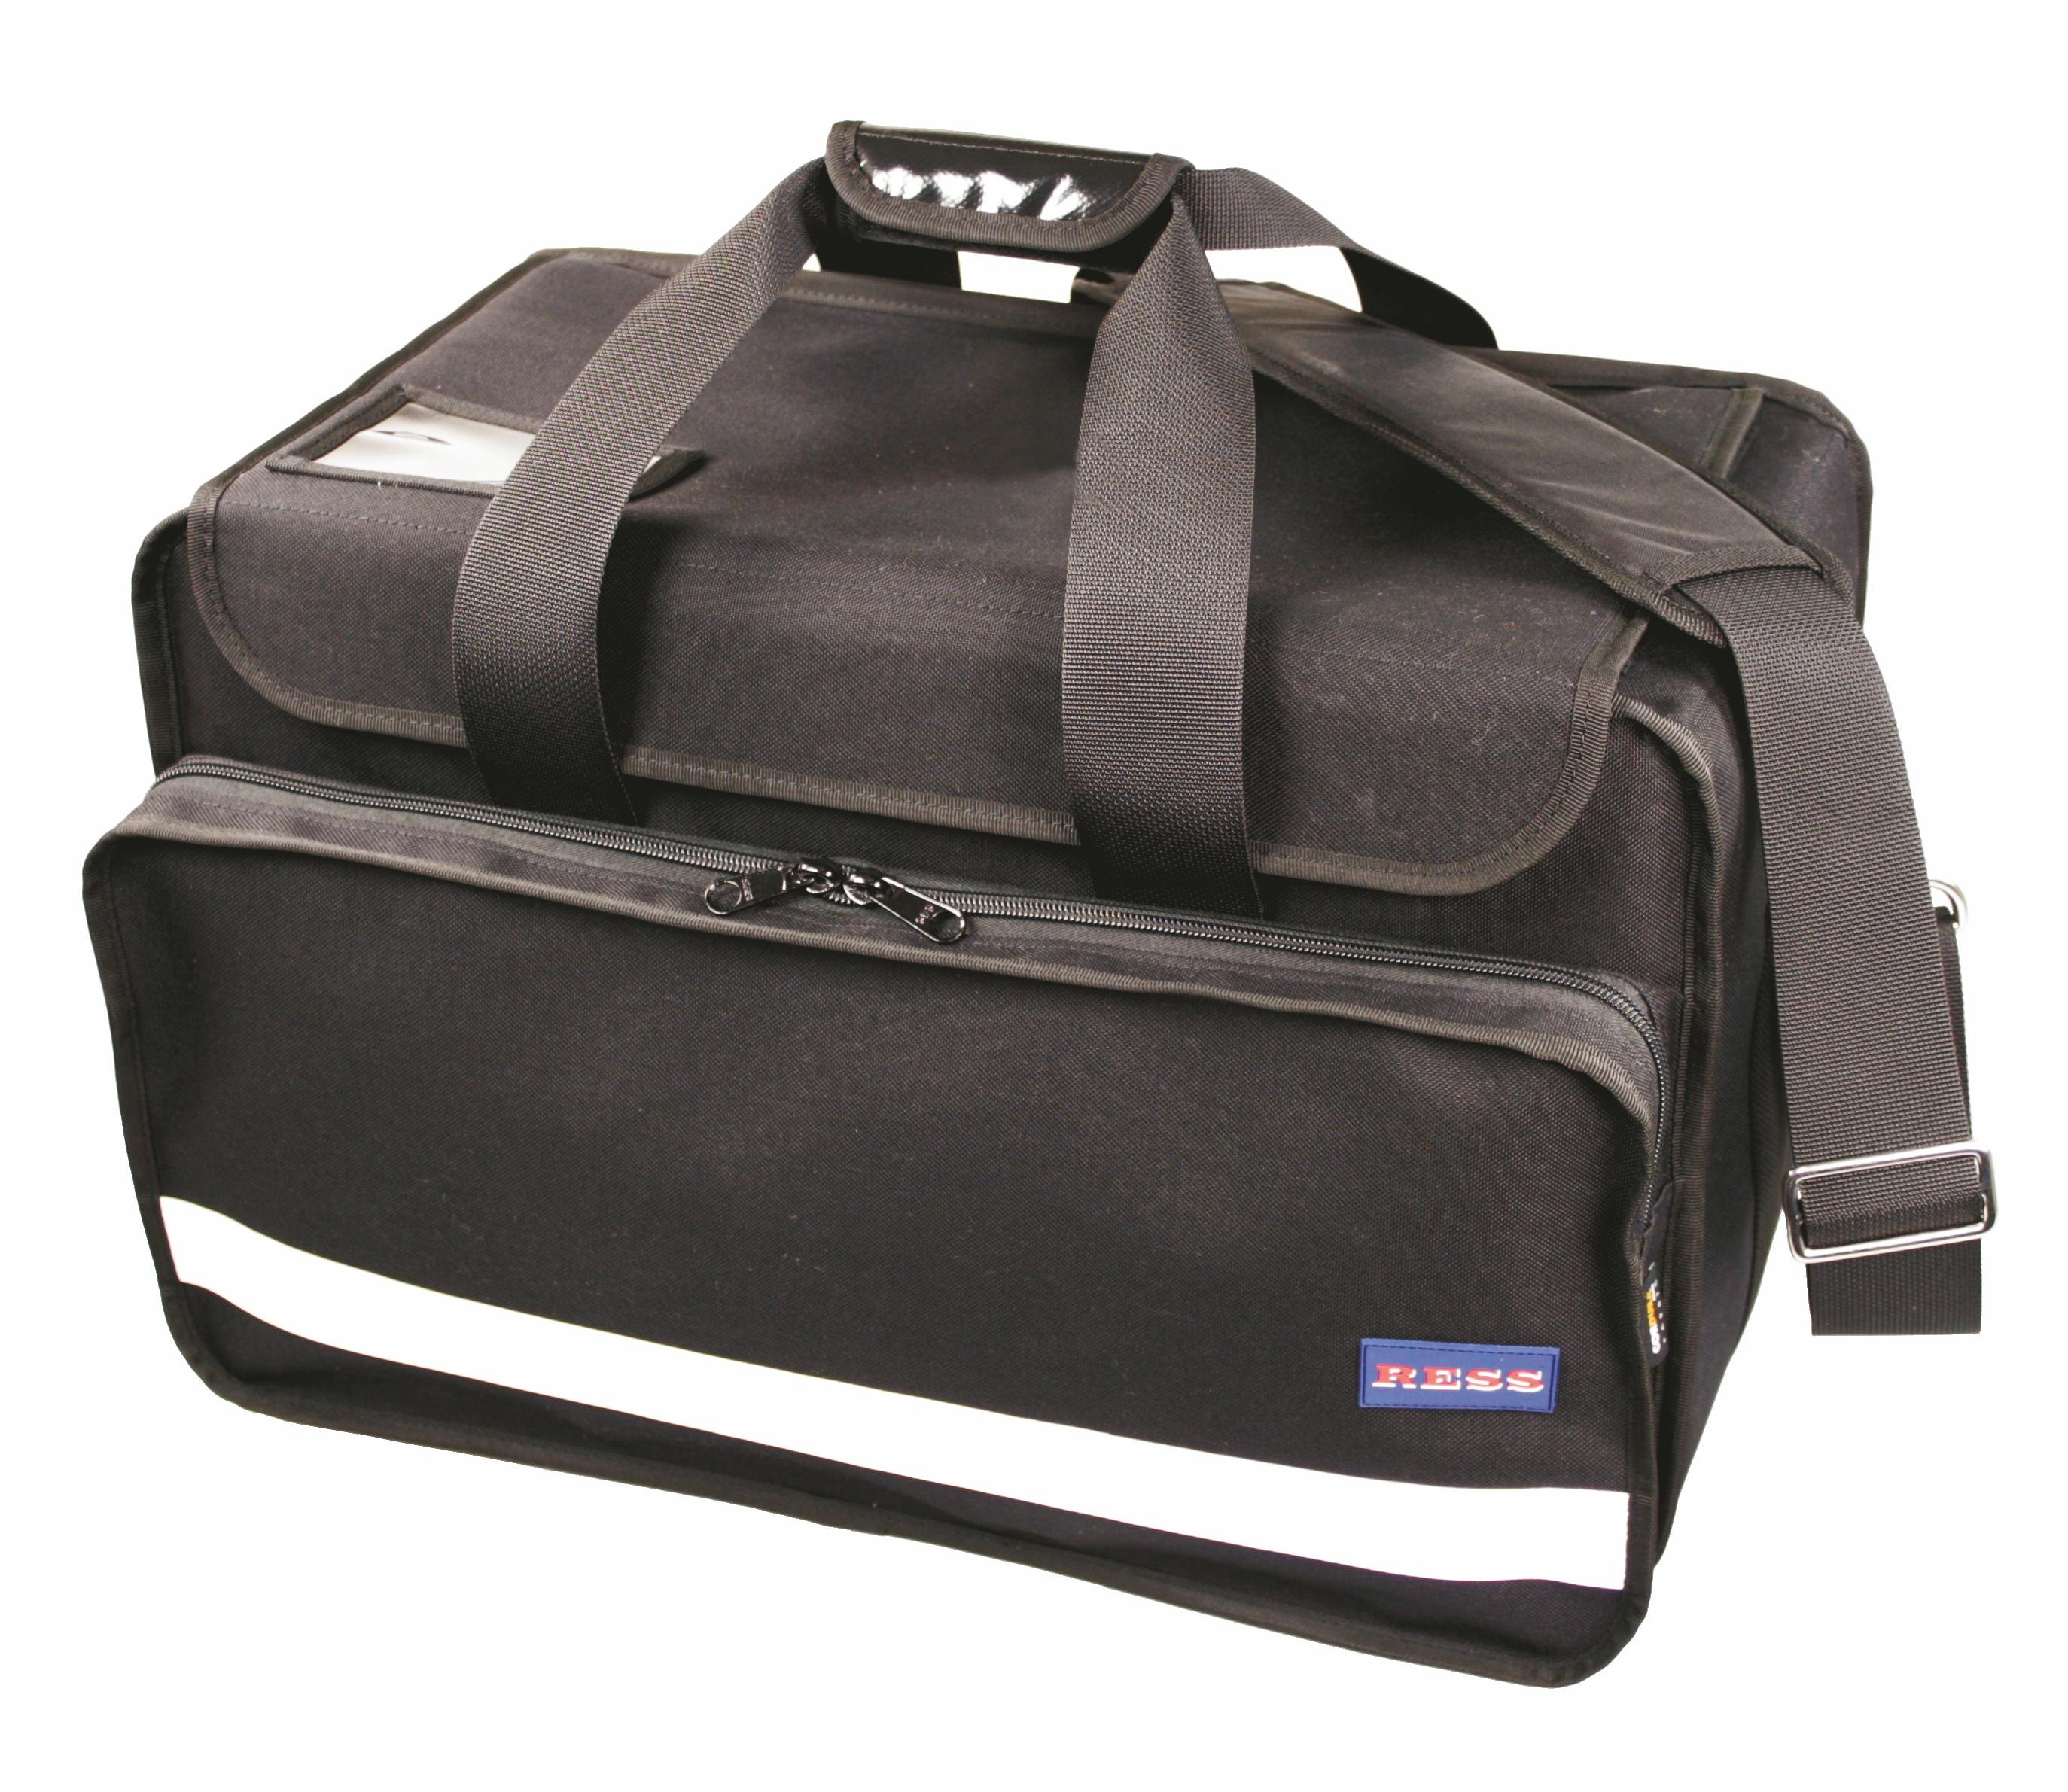 Transporttasche für SK 7 und DP 5